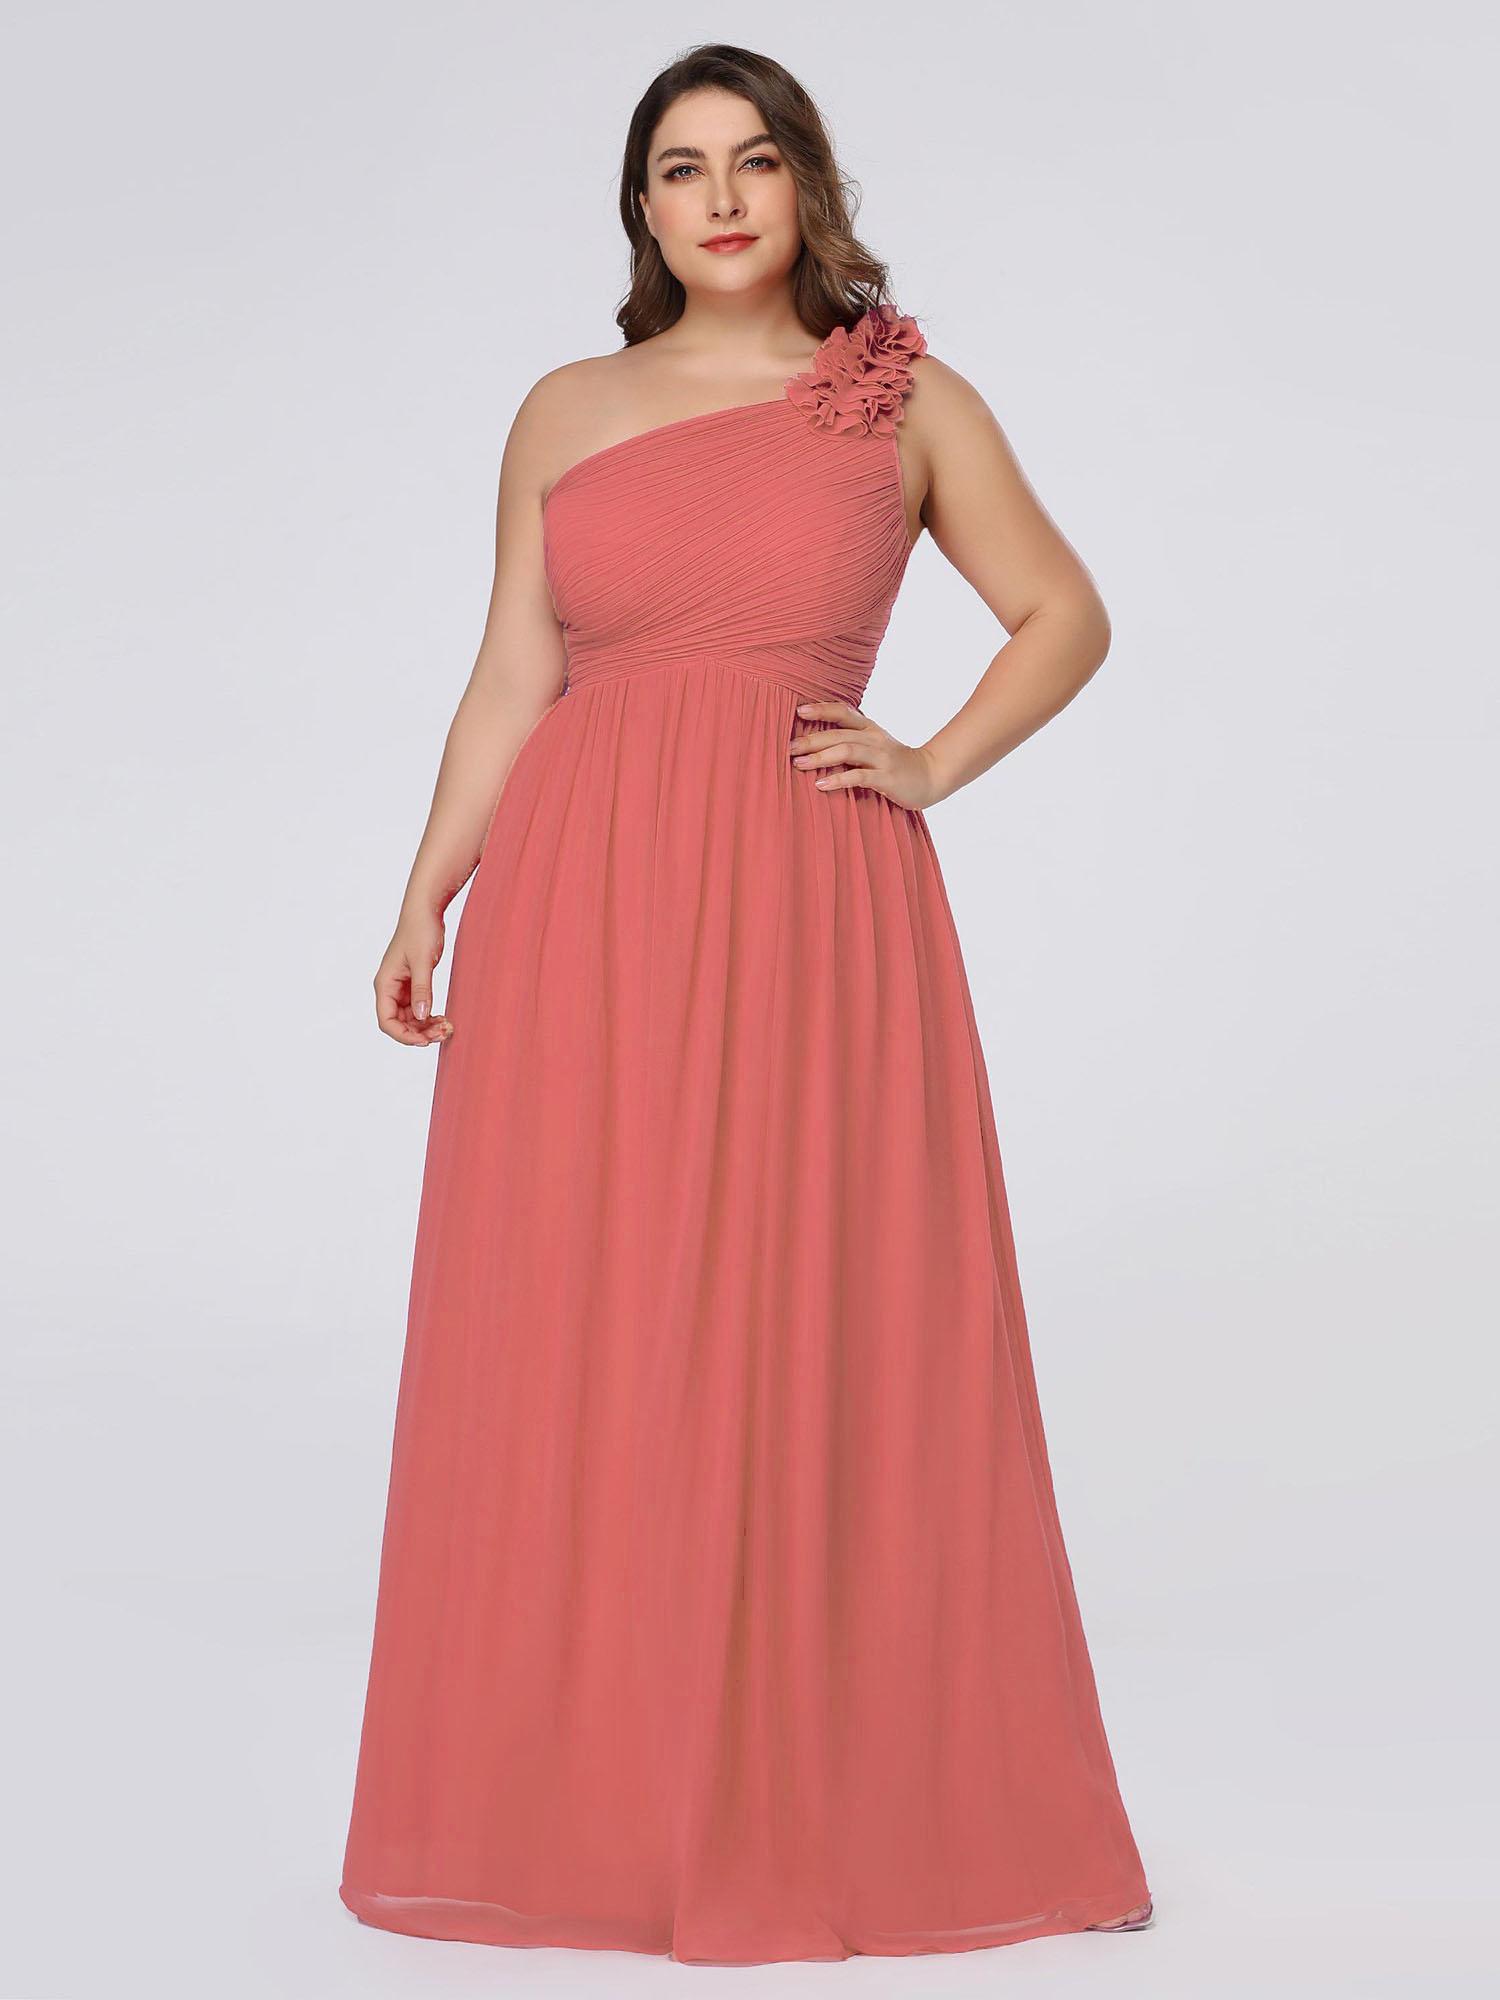 Abendkleid Für Mollige Brautjungfernkleider Große Größen One Shoulder Lang  Pink Chiffon Mit Blumen